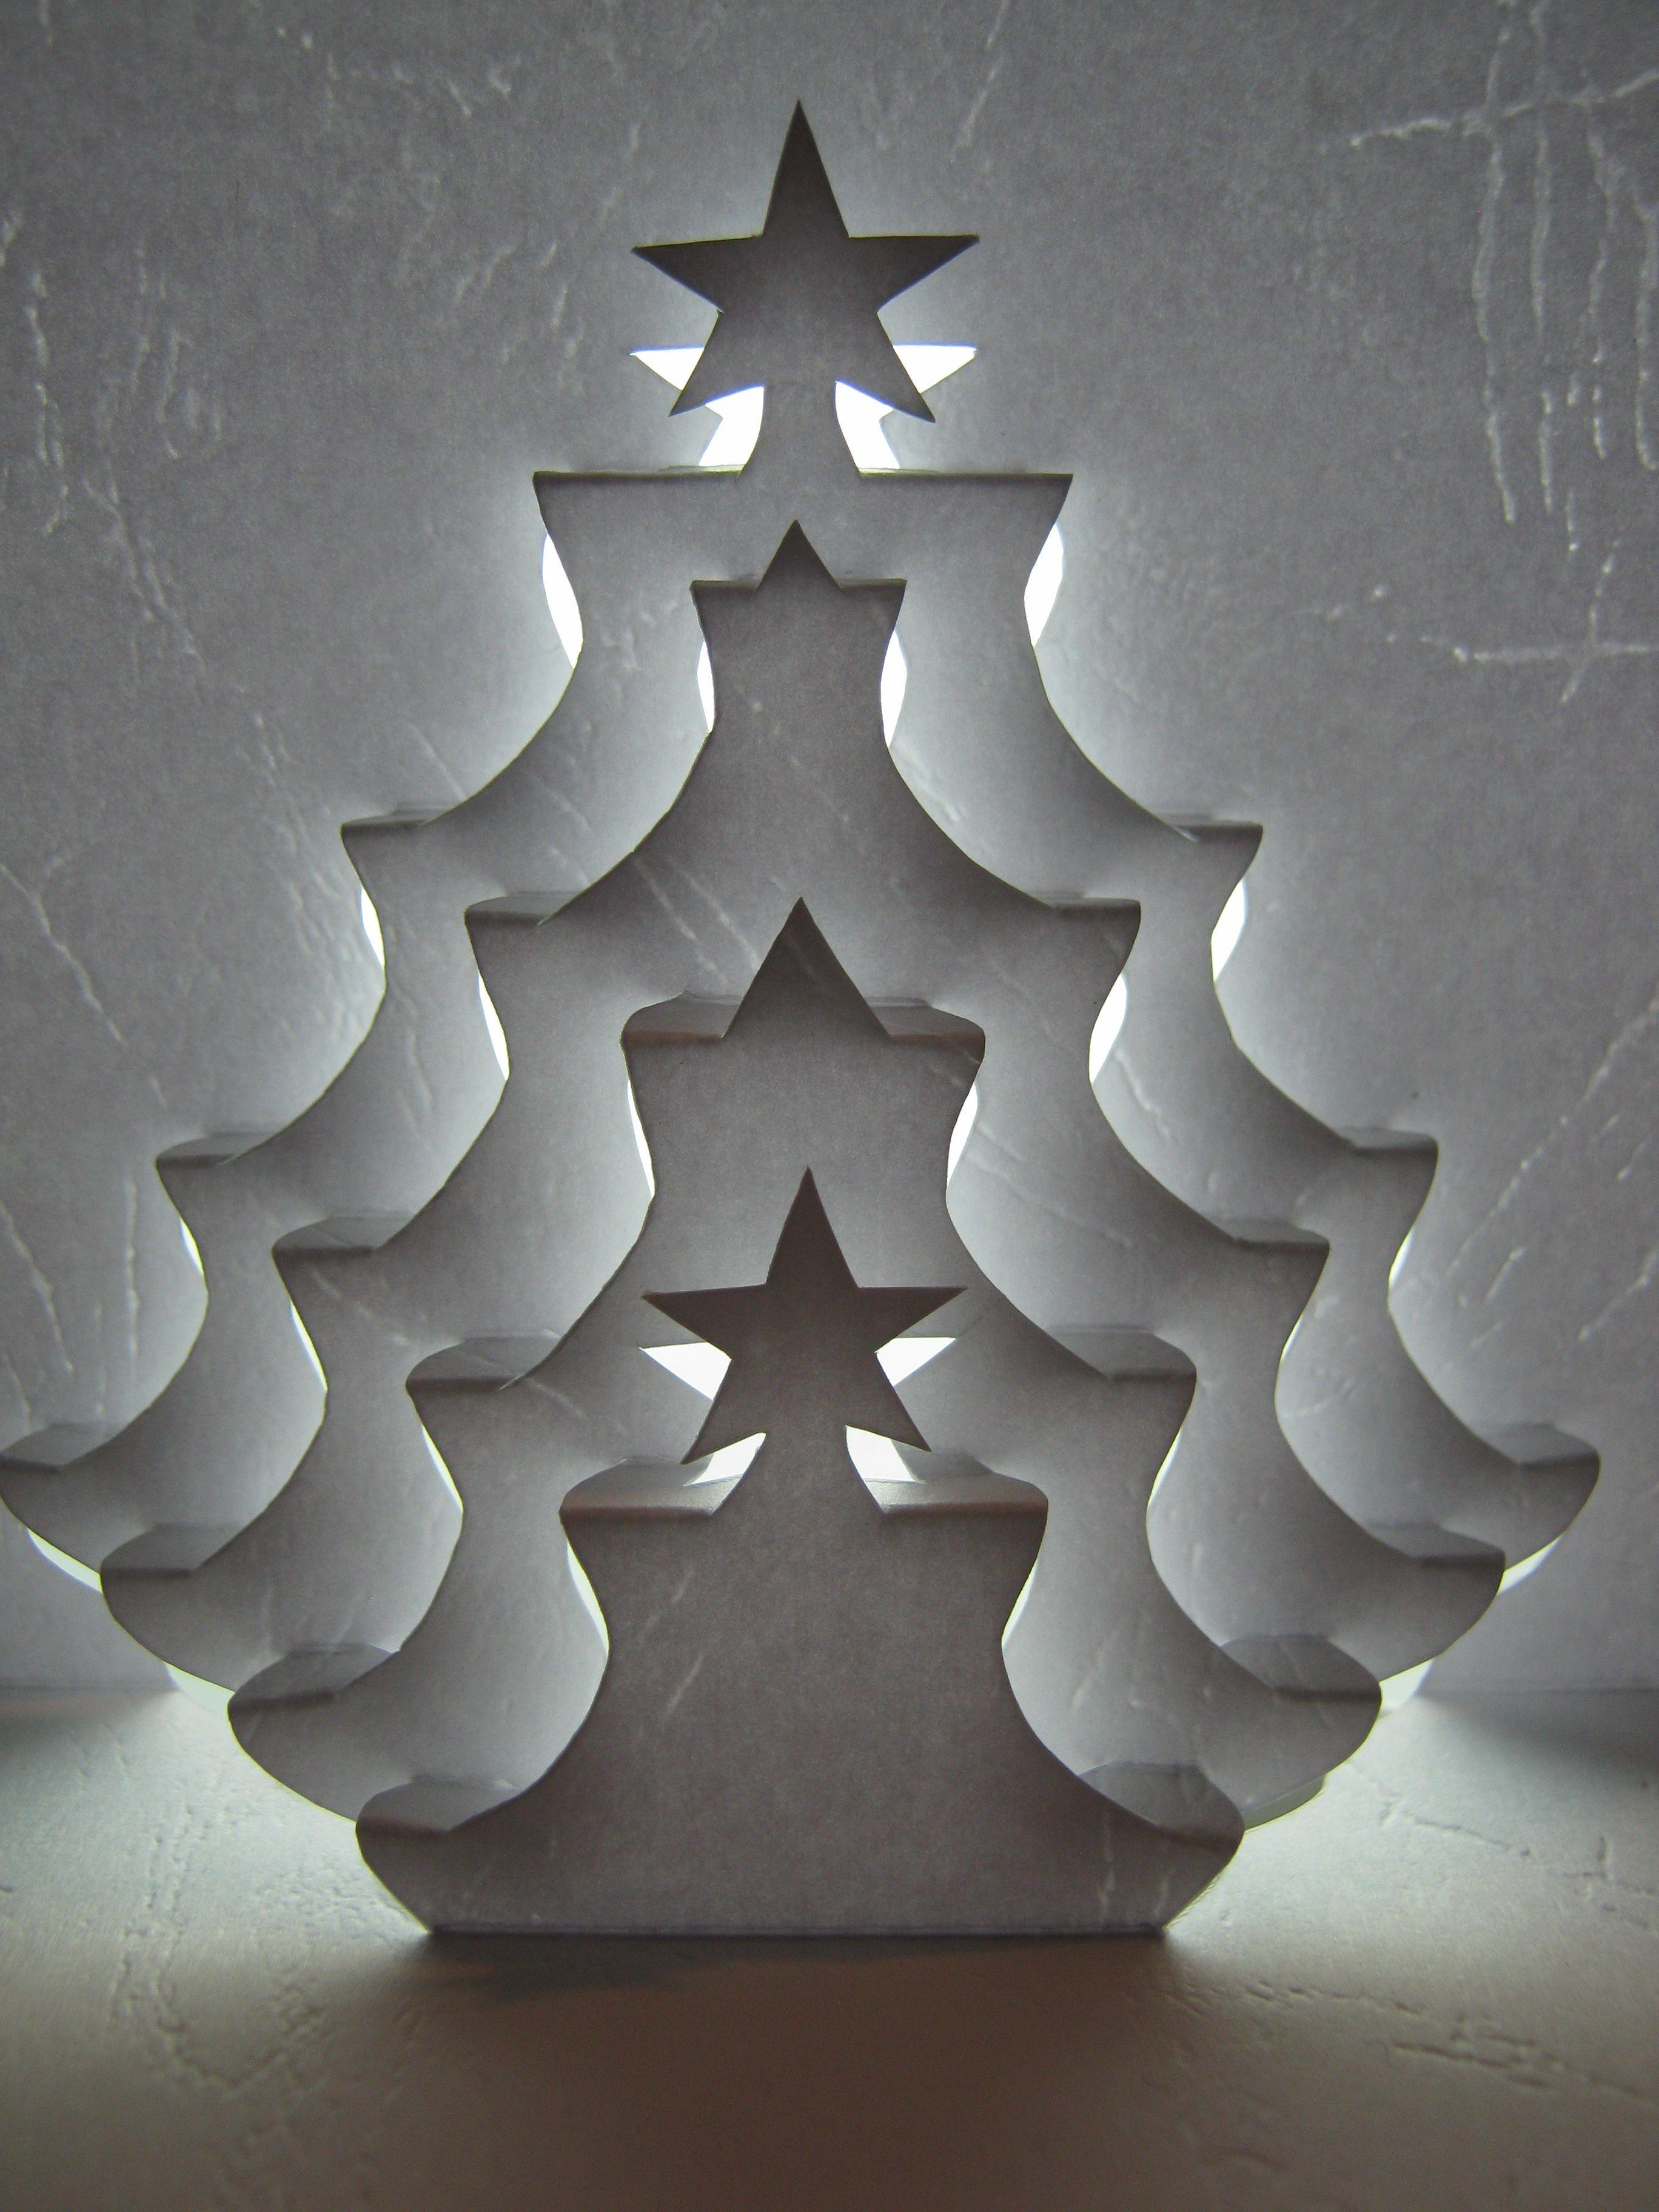 Papercraft Sphere Arbol De Navidad Elaborado Con La Técnica De Kirigami Dificil Pero